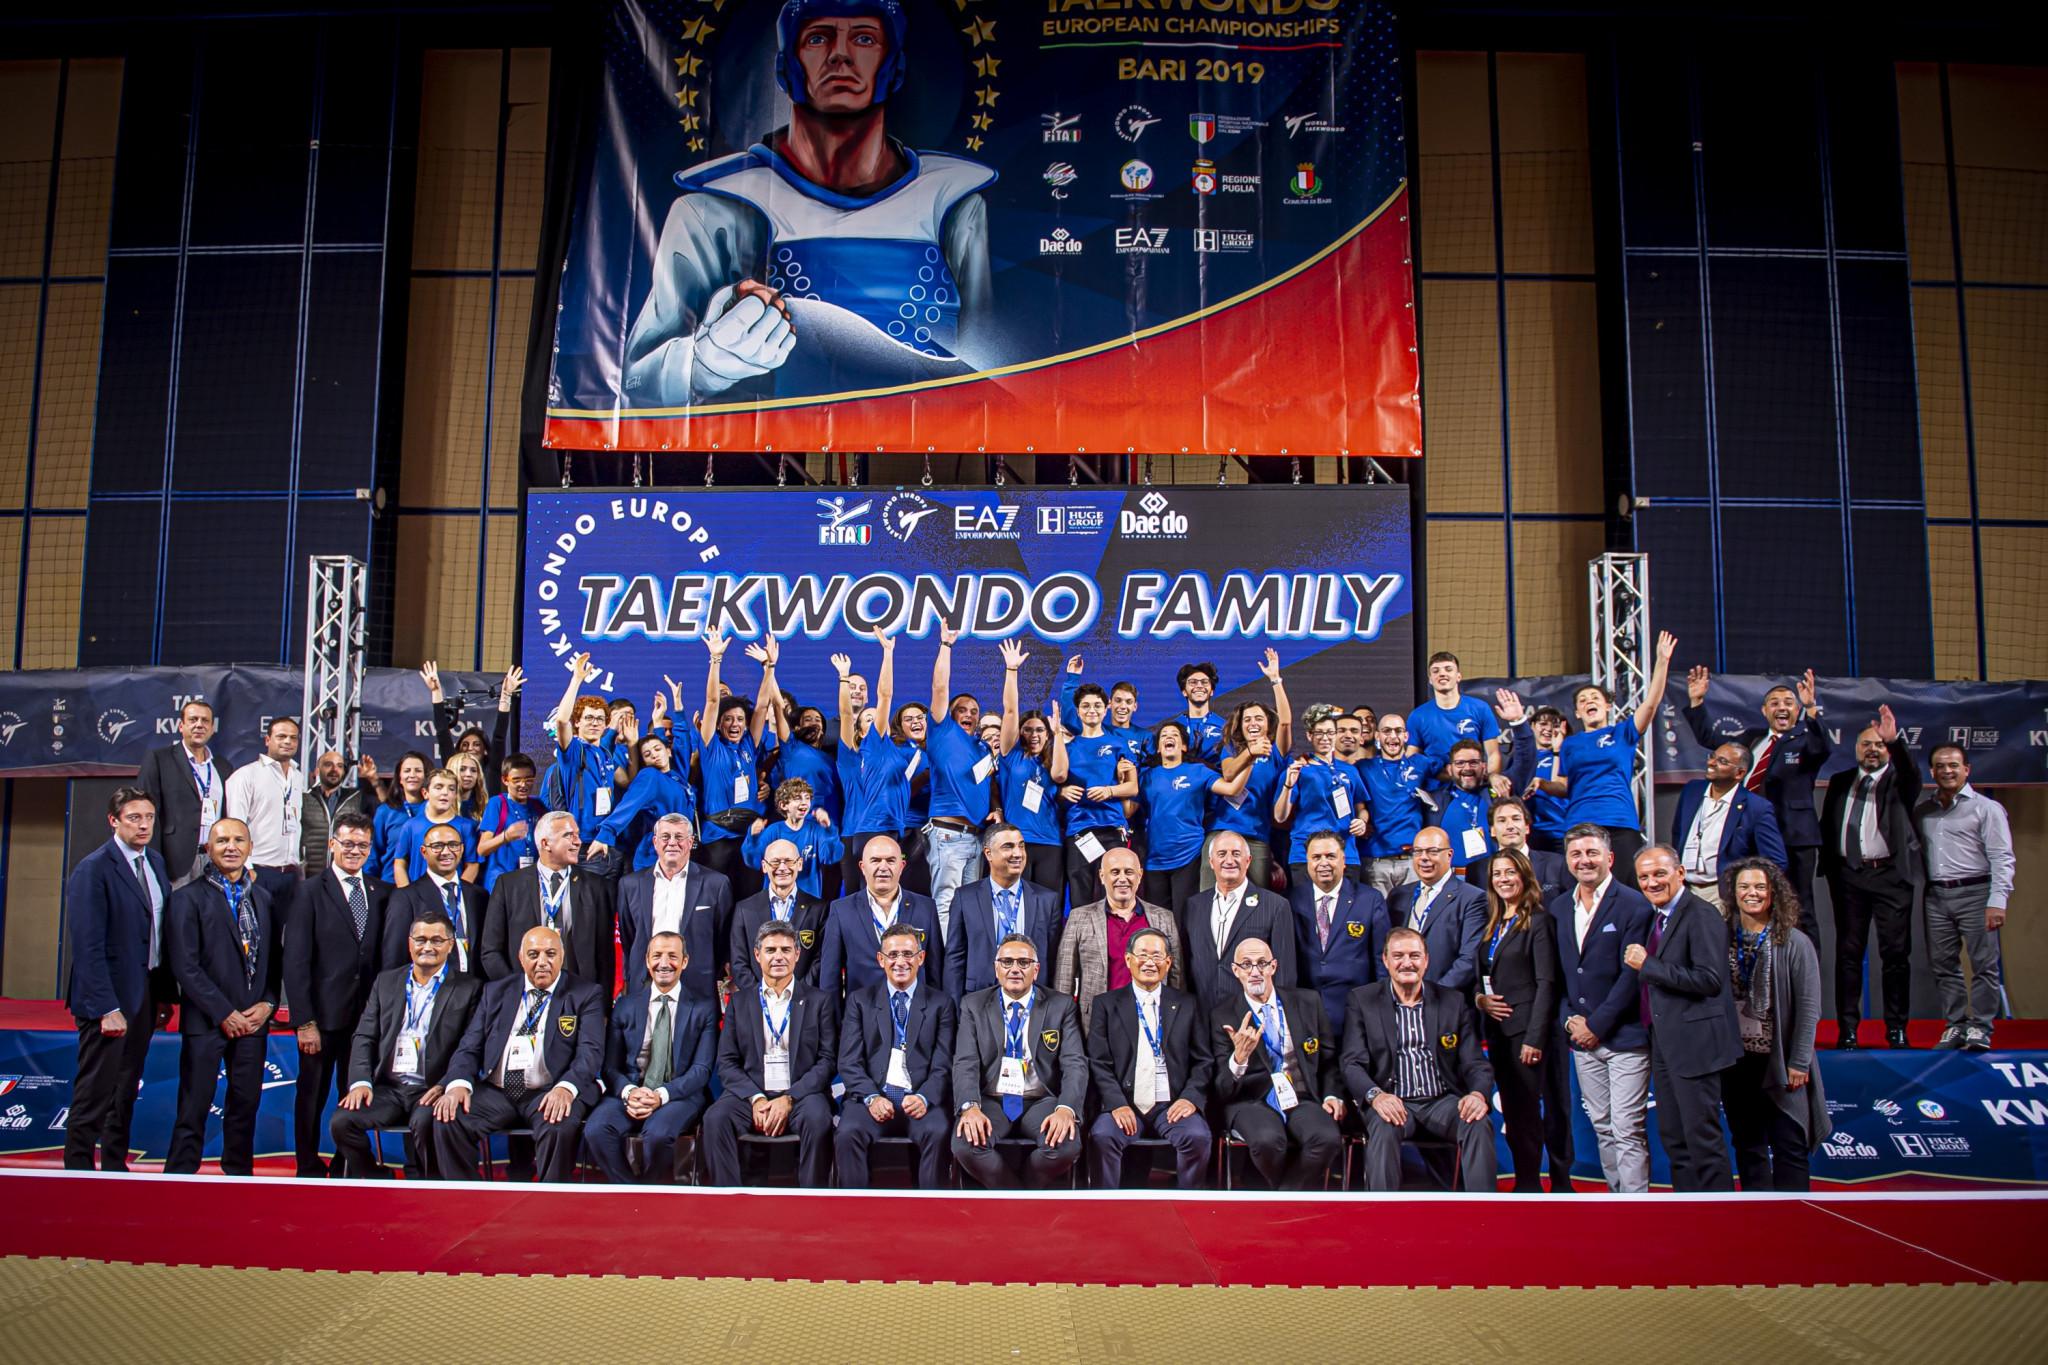 The G4 Extra European Taekwondo Championships were spread across three days ©WTE